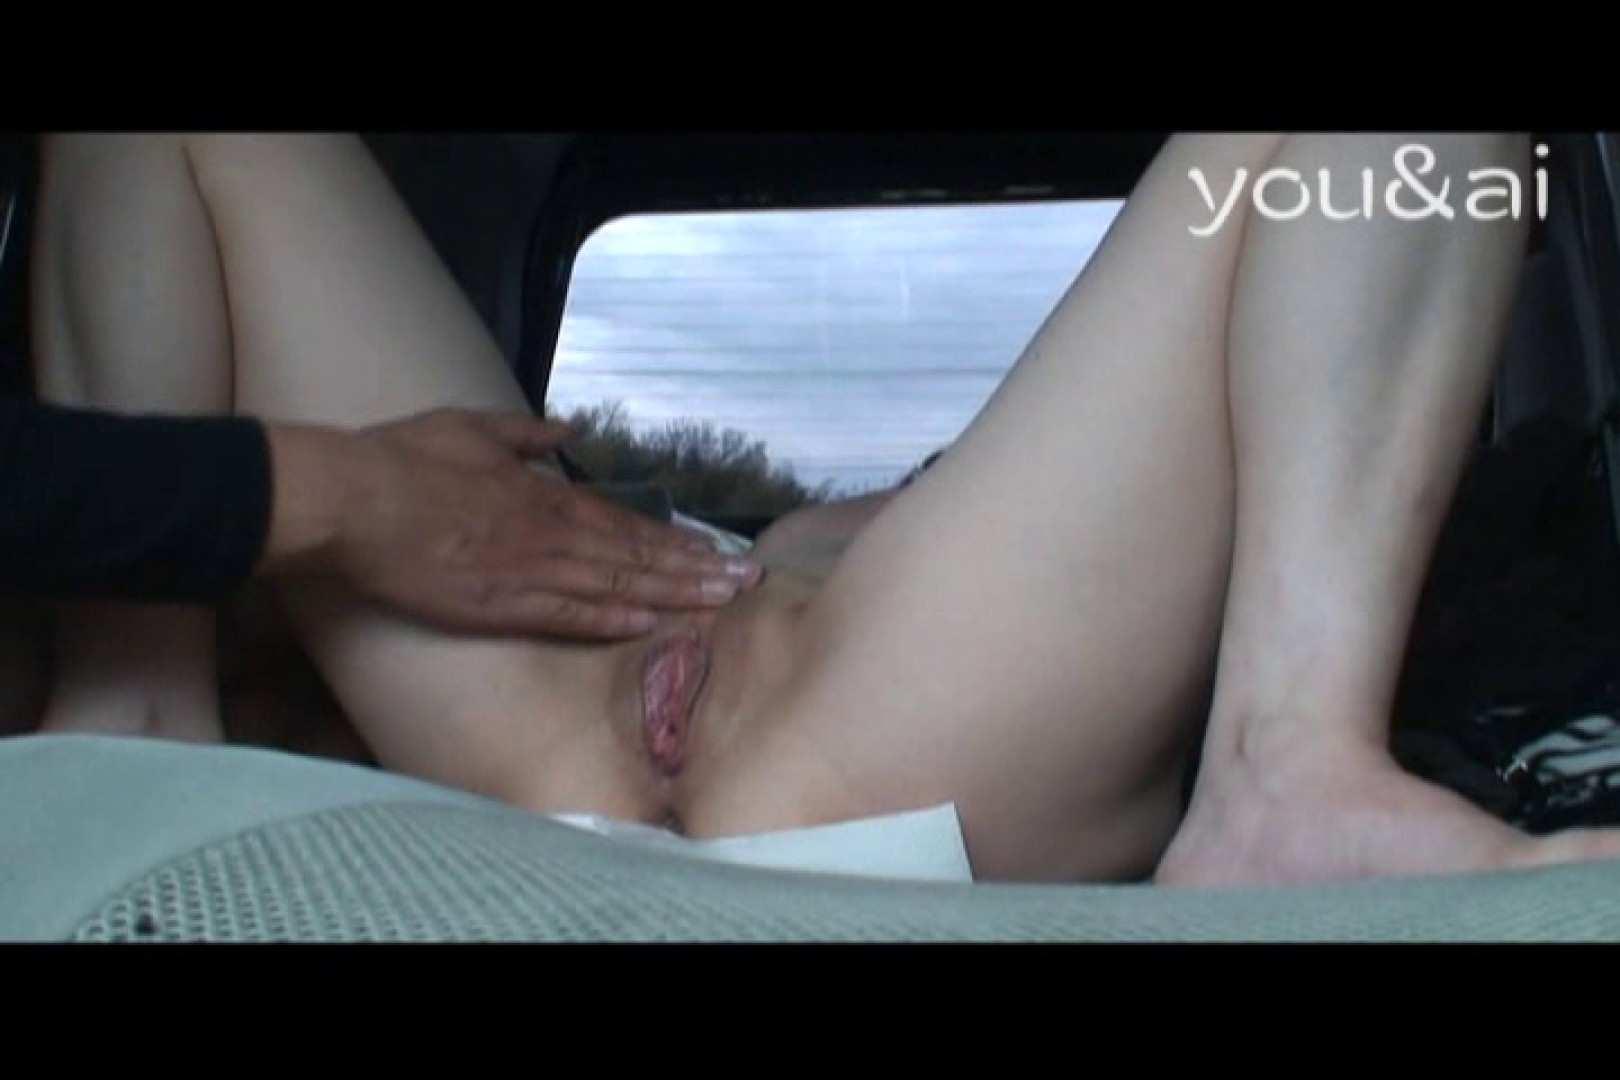 おしどり夫婦のyou&aiさん投稿作品vol.14 投稿作品  95連発 15